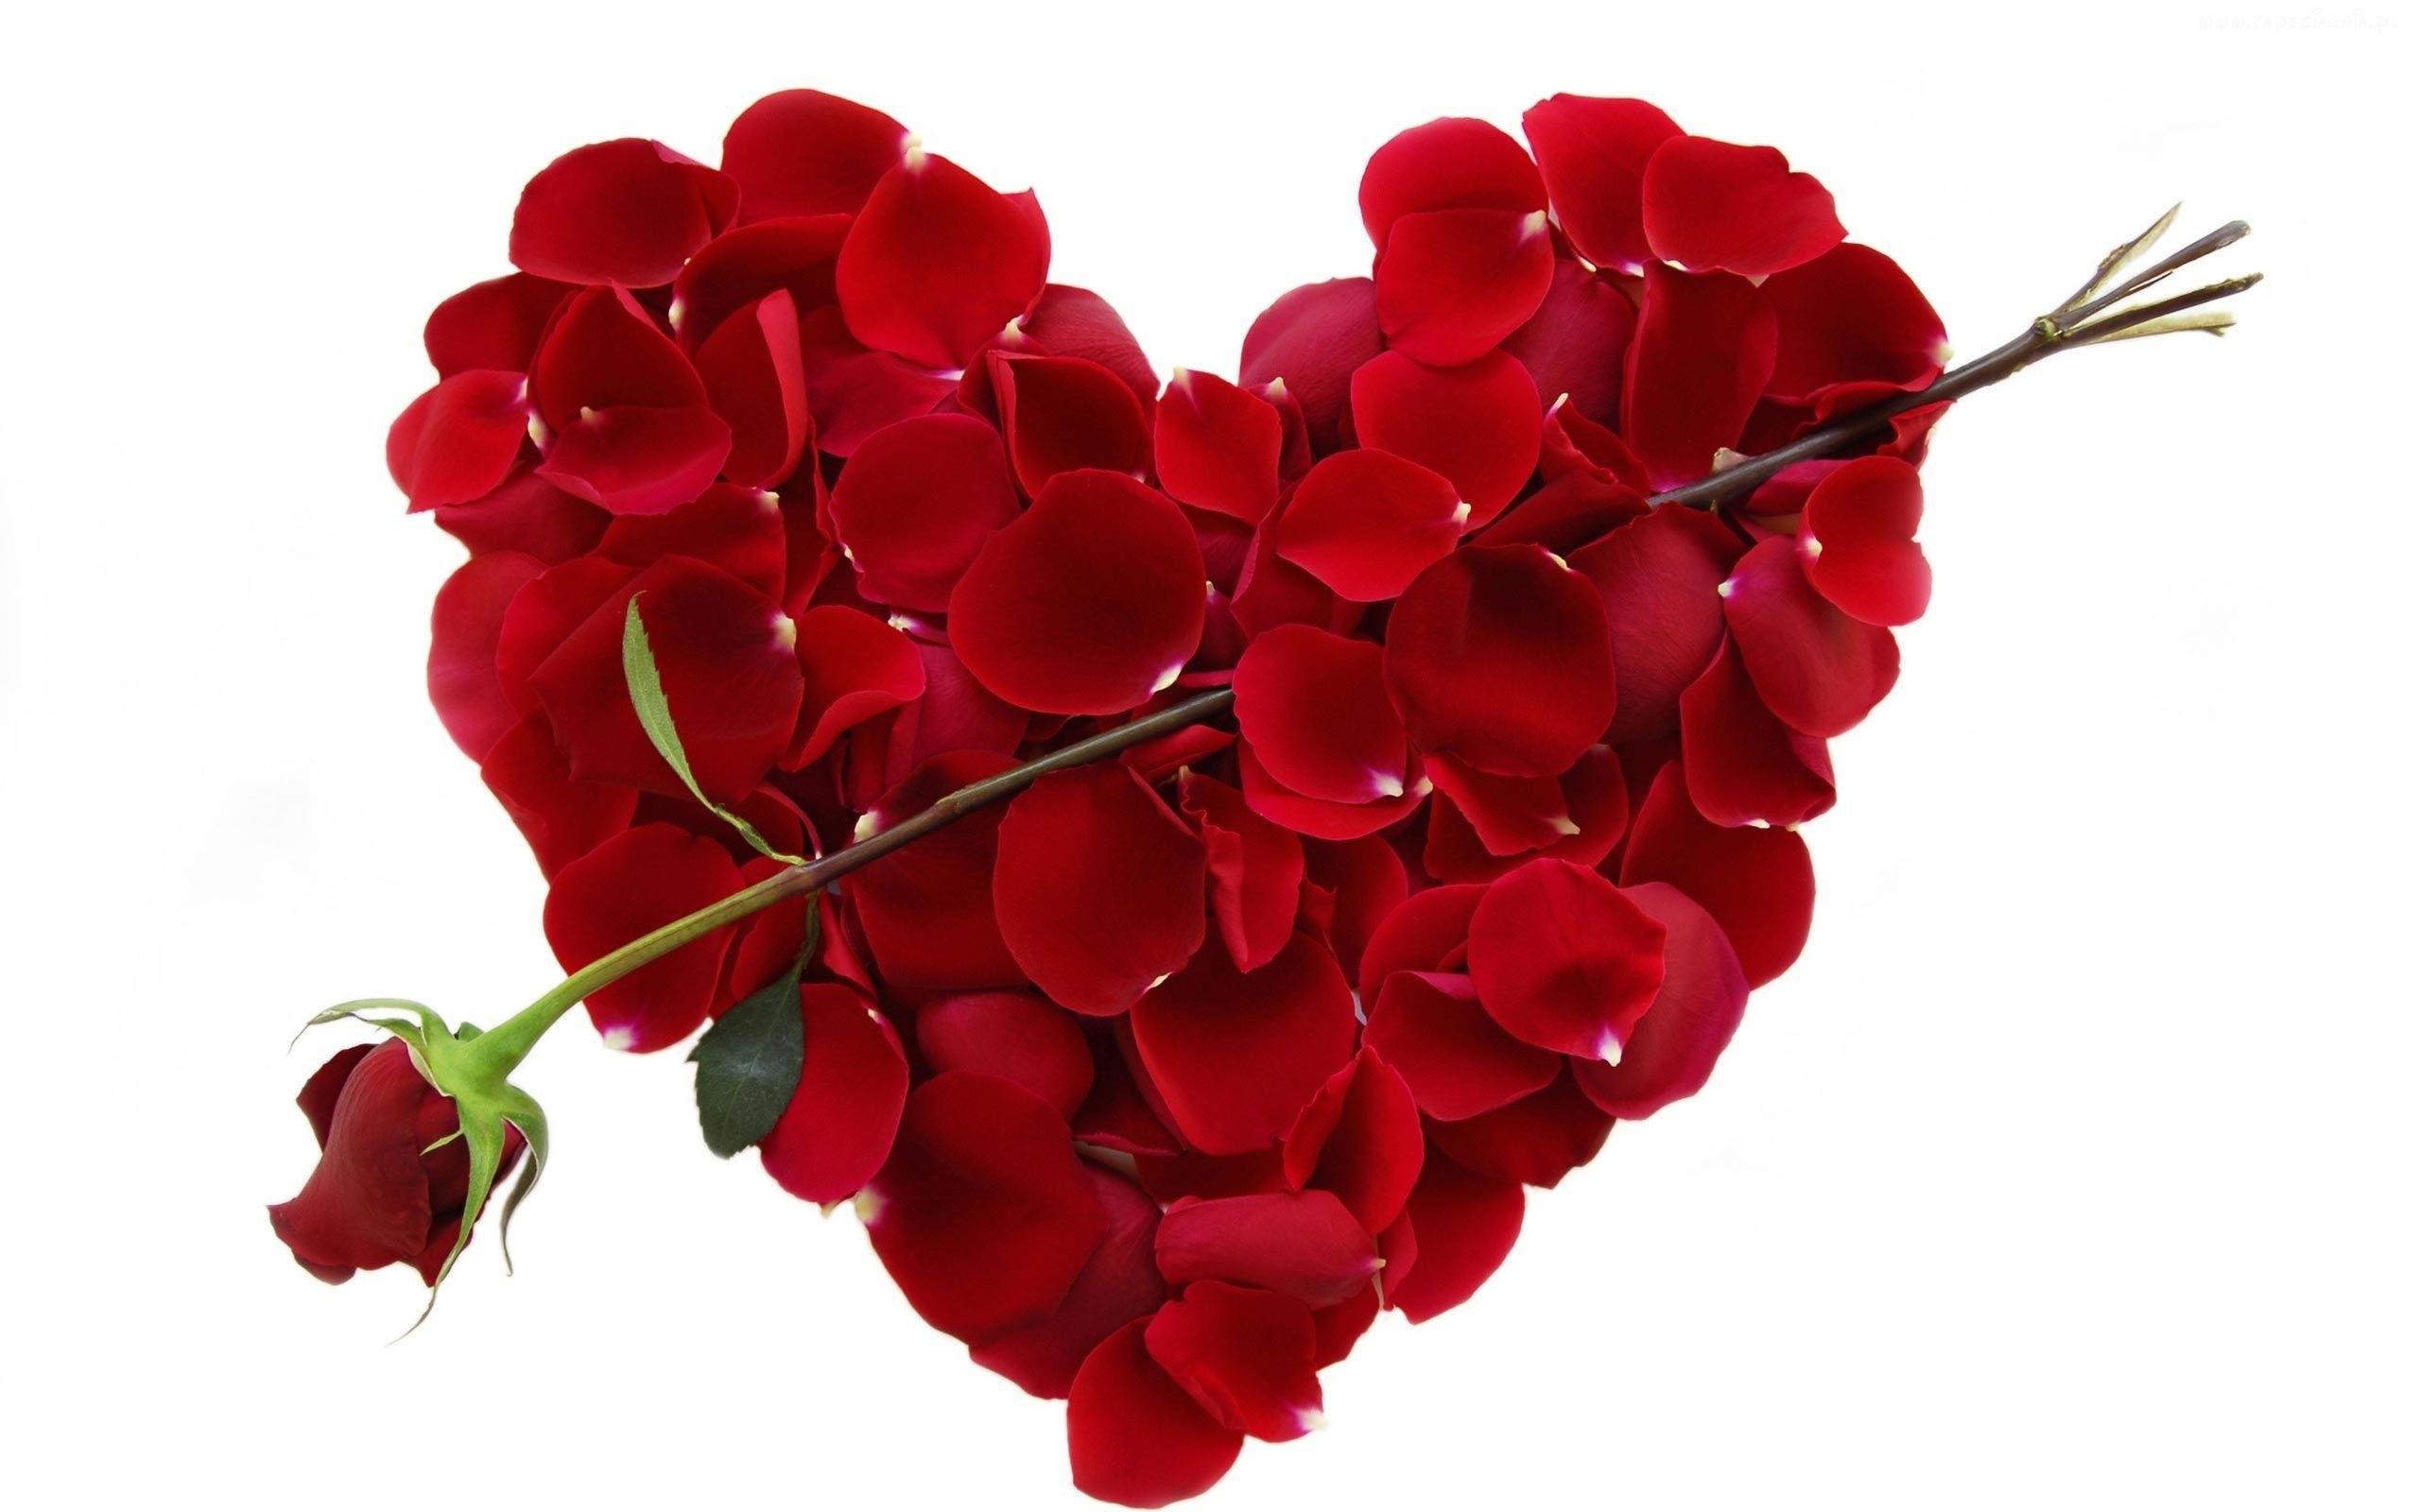 Walentynka Czerwona Roza Platki Serce Love Valentines Valentines Day Wishes Happy Valentines Day